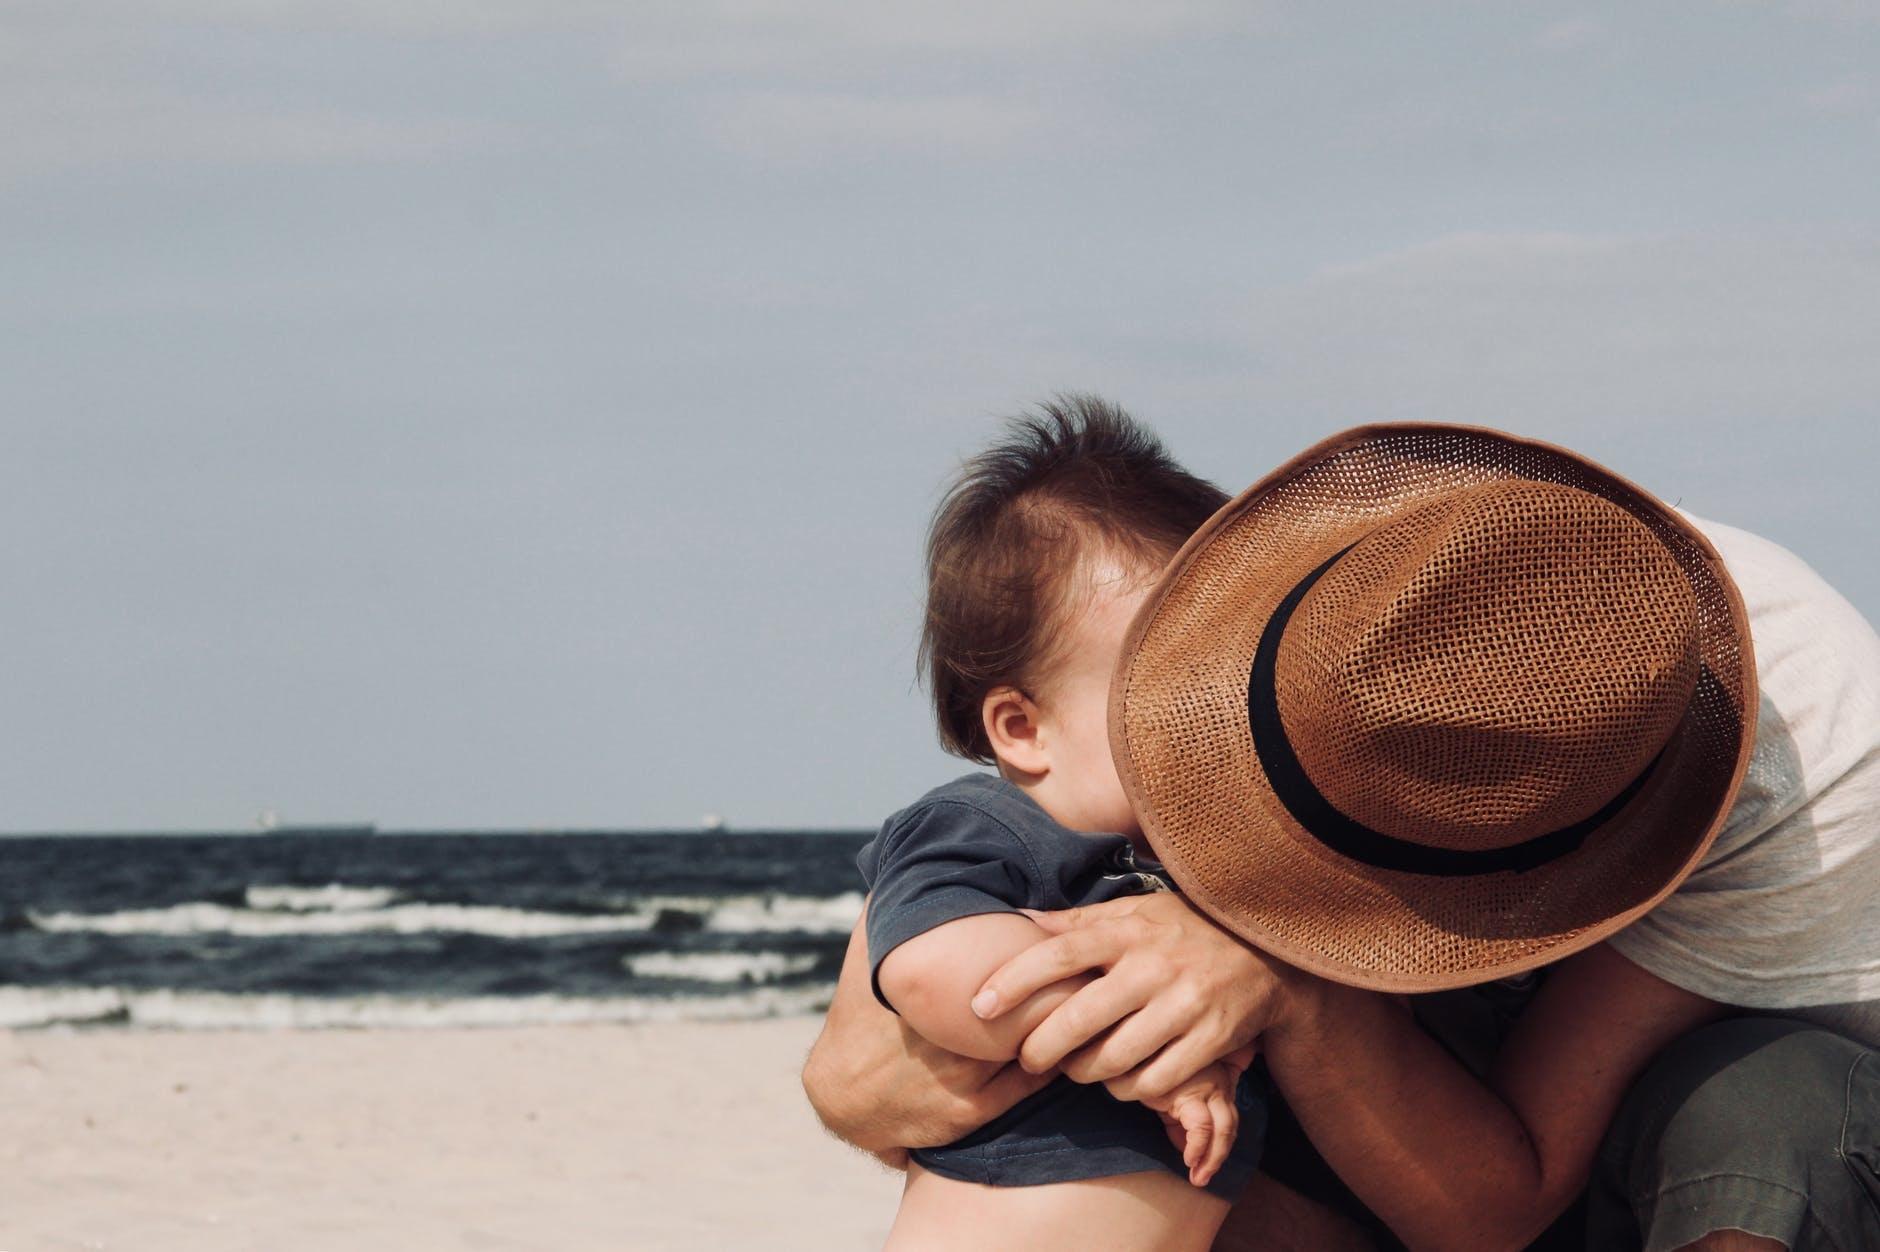 Als eenoudergezin op vakantie: hoe pak je dat aan?